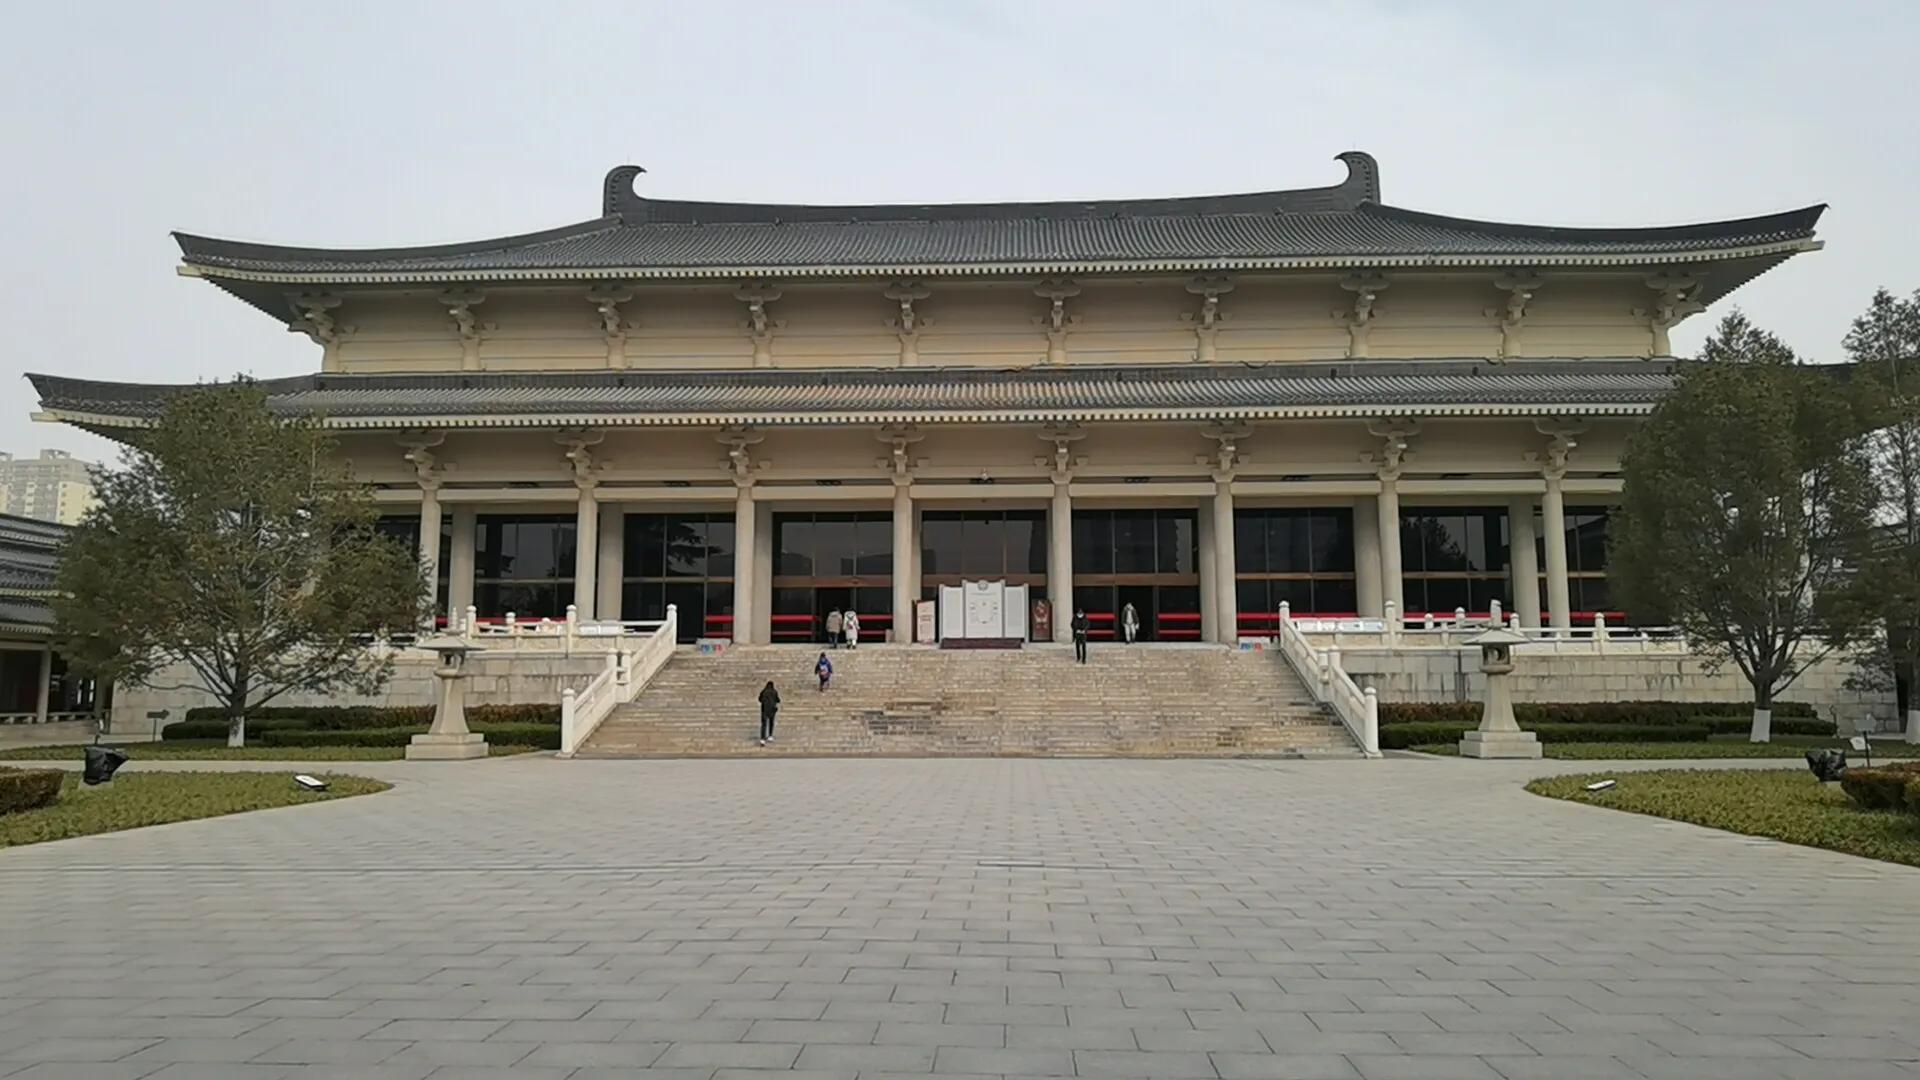 西安必去的景点——陕西历史博物馆(2)参观前你一定要了解这些